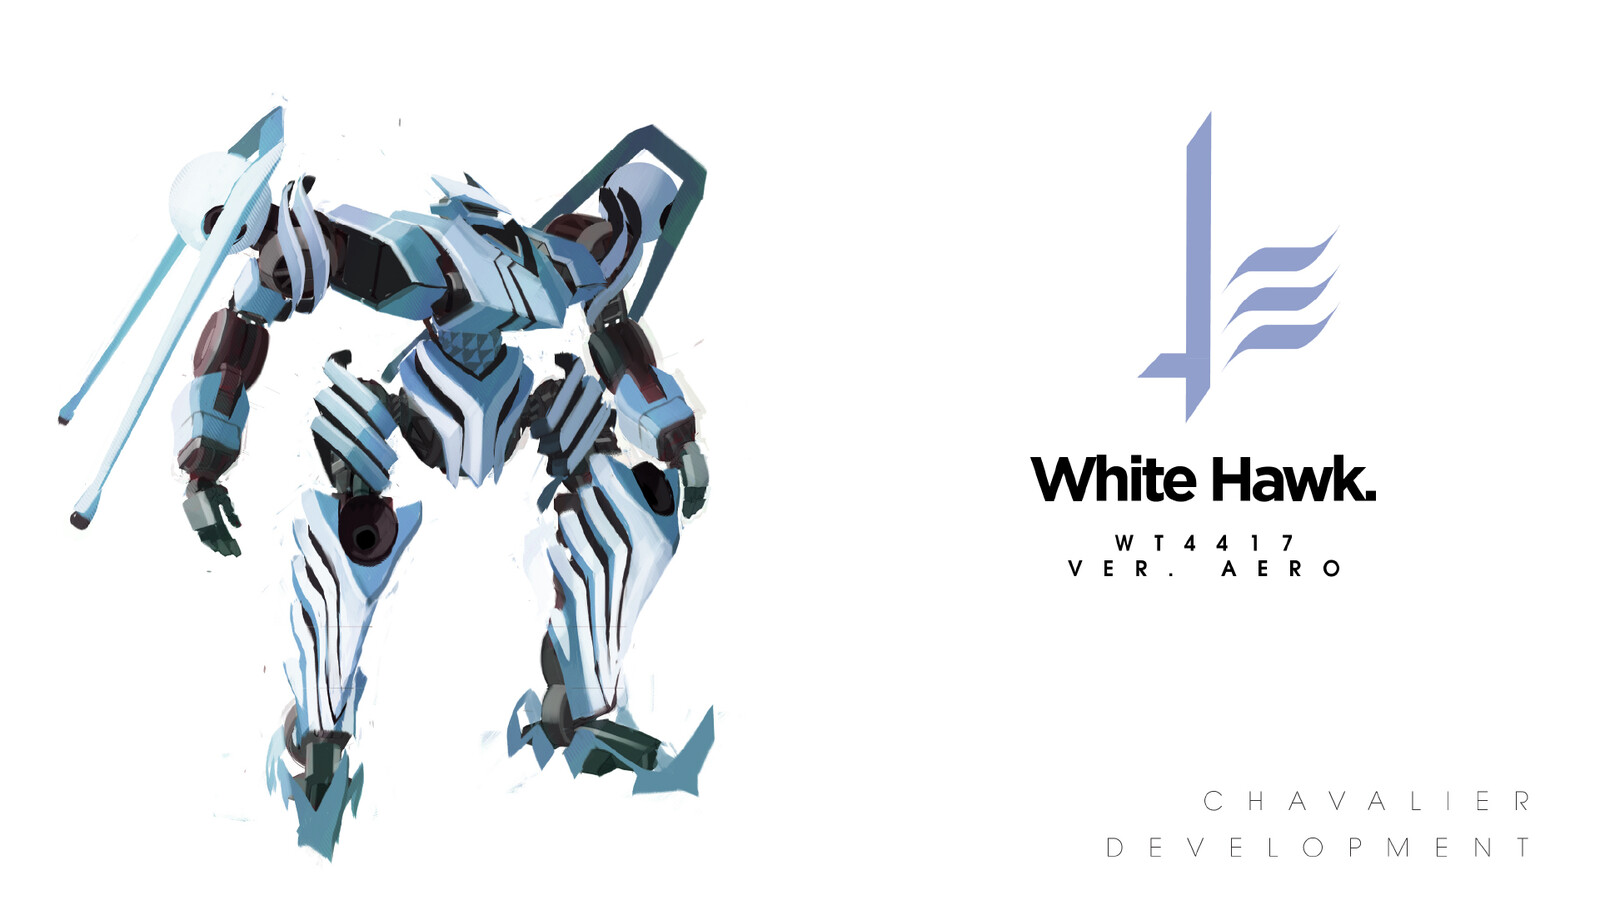 Alternate design for White Hawk